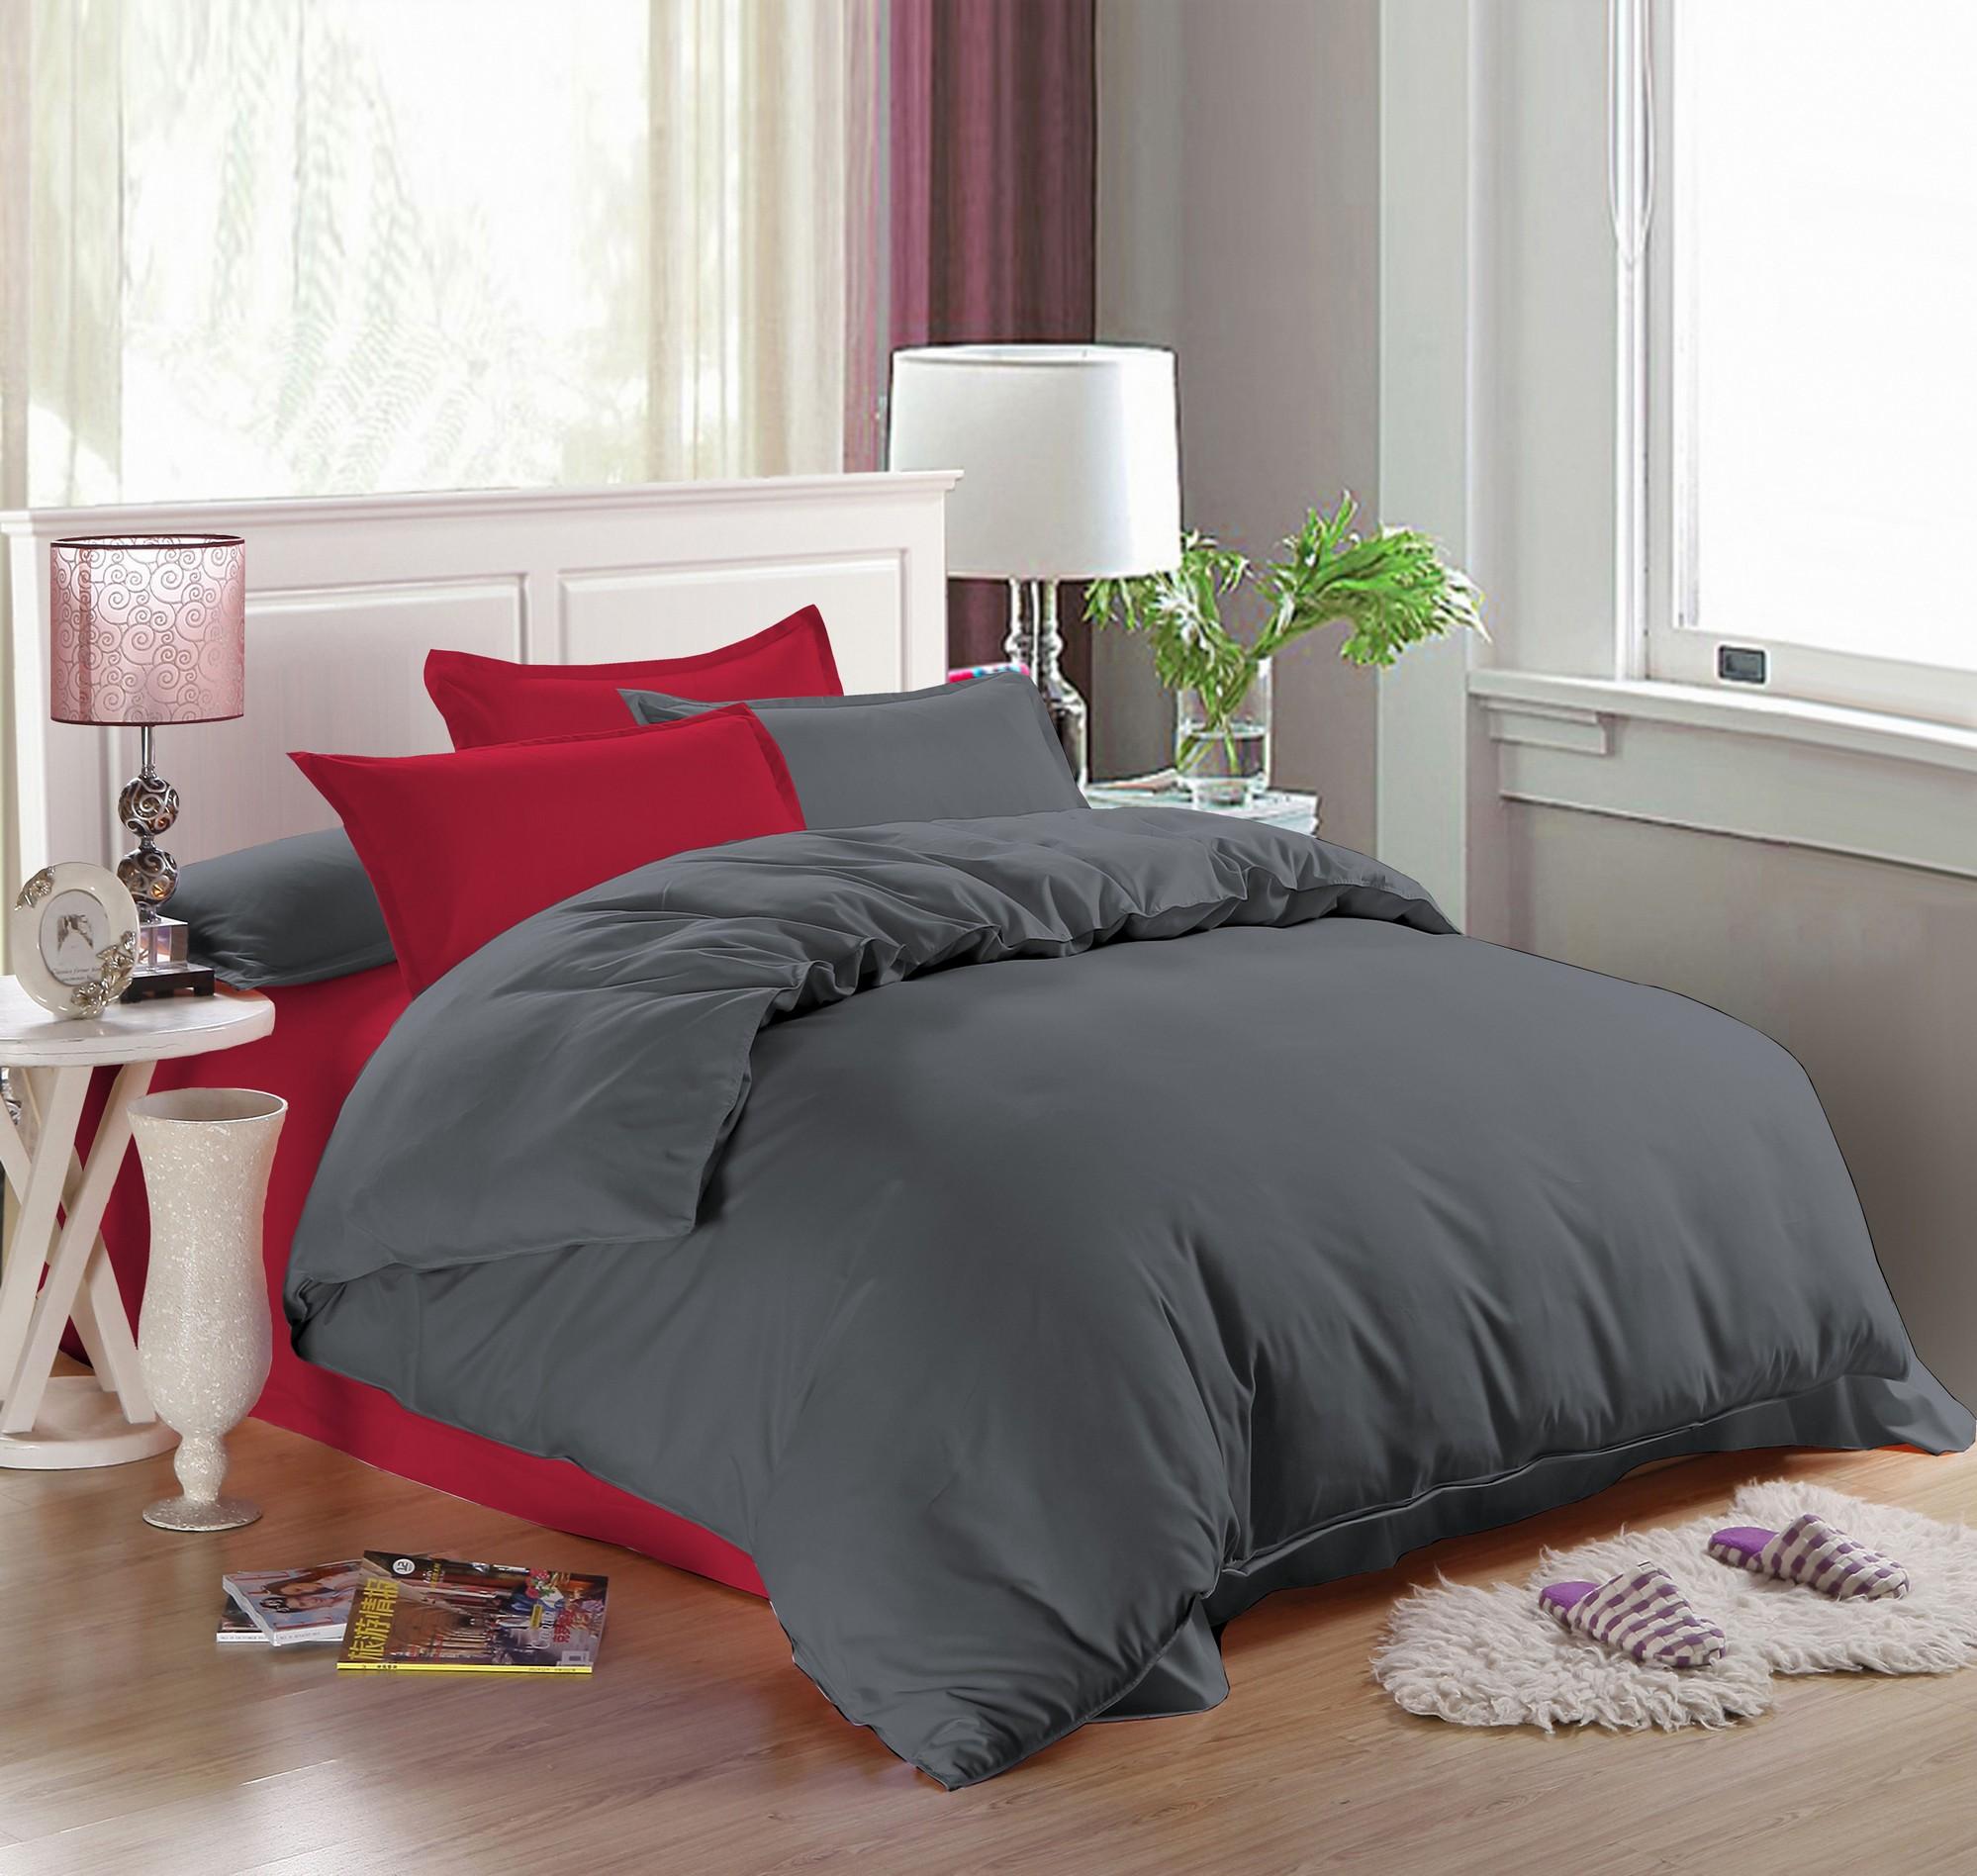 Комплекты постельного белья Amore Mio amm679600